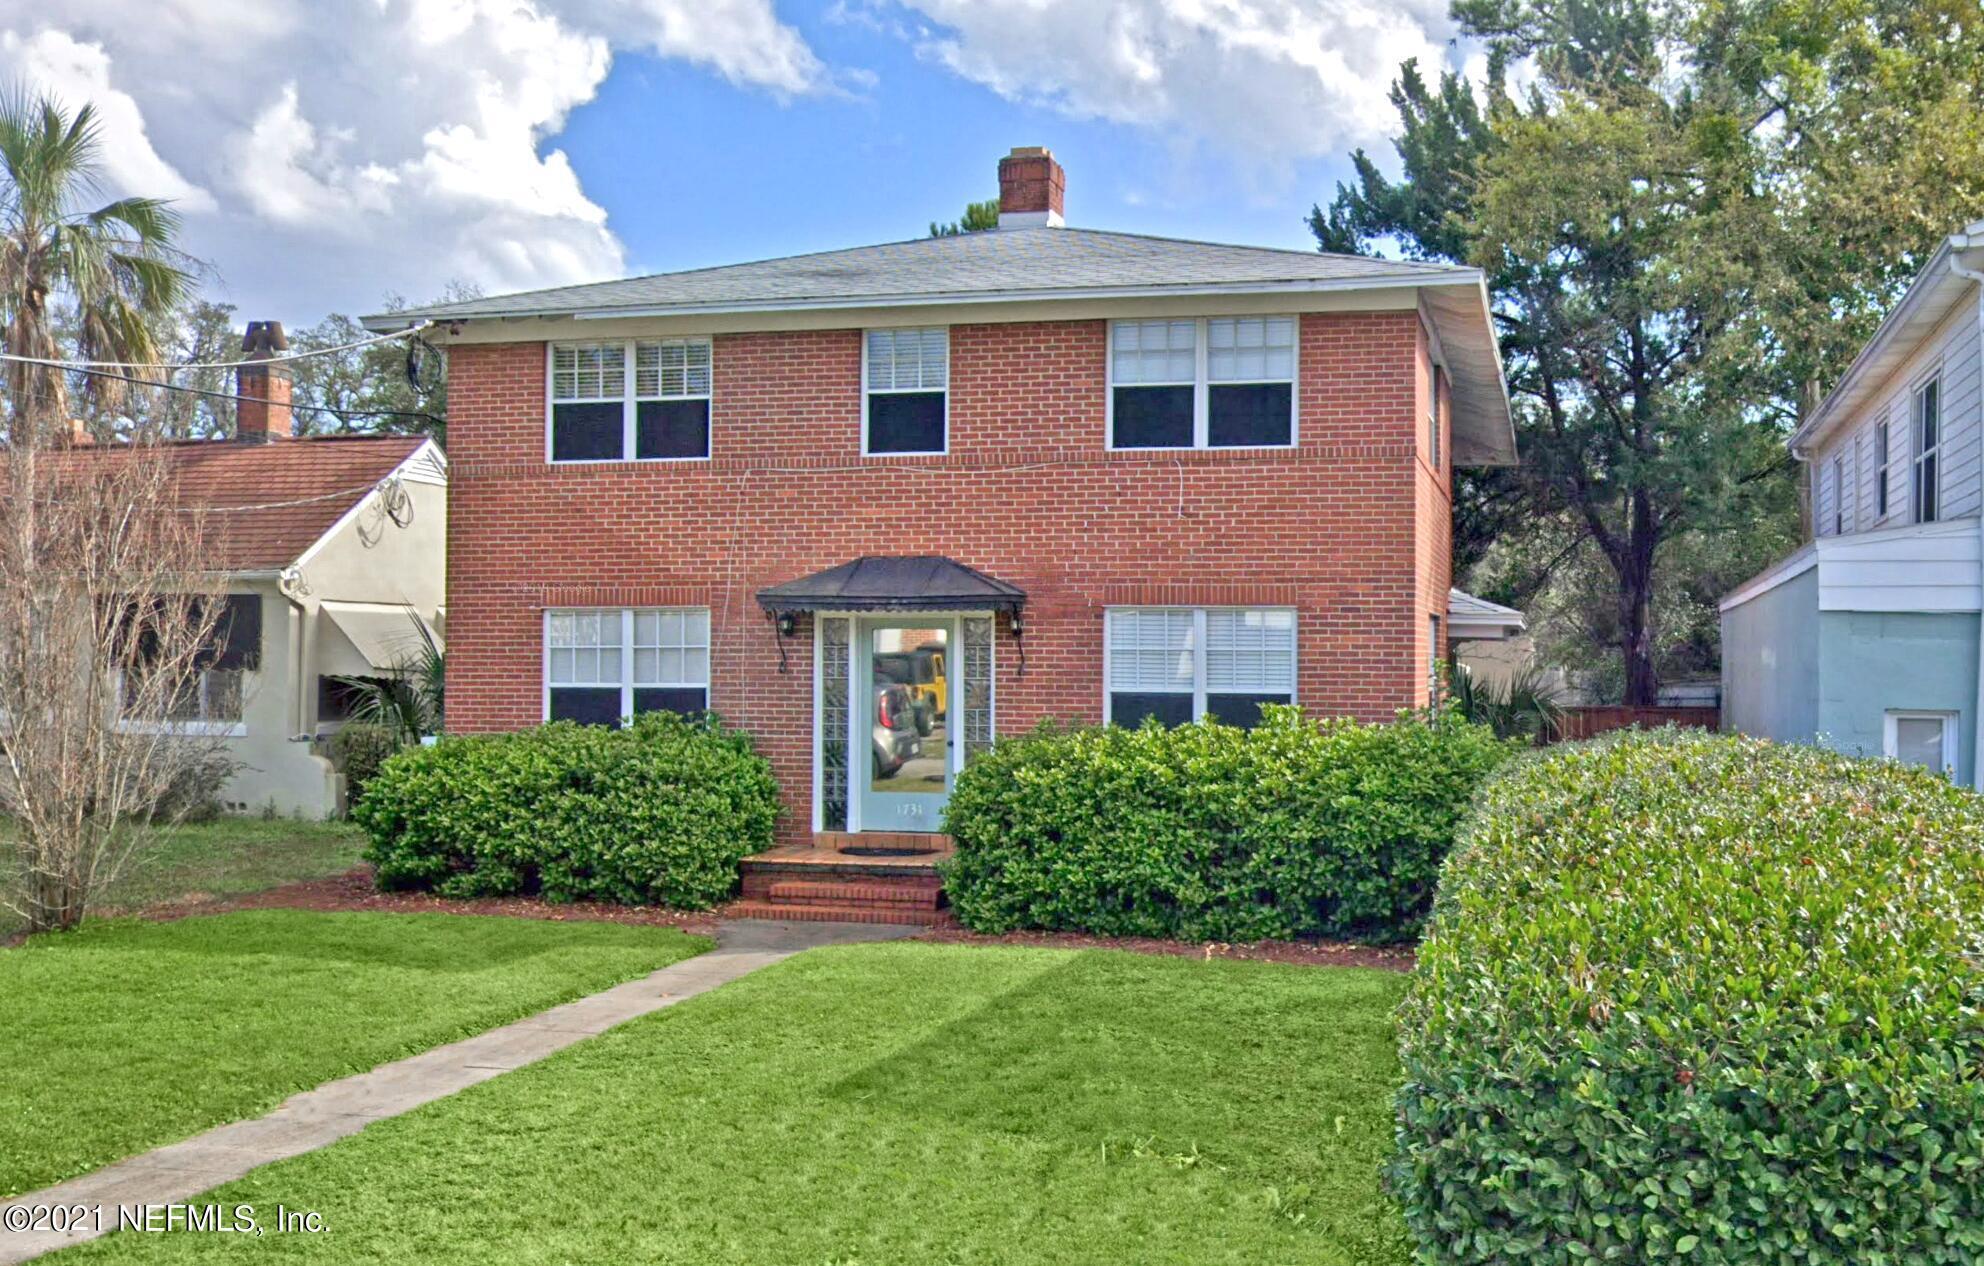 1731 FLAGLER, JACKSONVILLE, FLORIDA 32207, 5 Bedrooms Bedrooms, ,5 BathroomsBathrooms,Investment / MultiFamily,For sale,FLAGLER,1107127